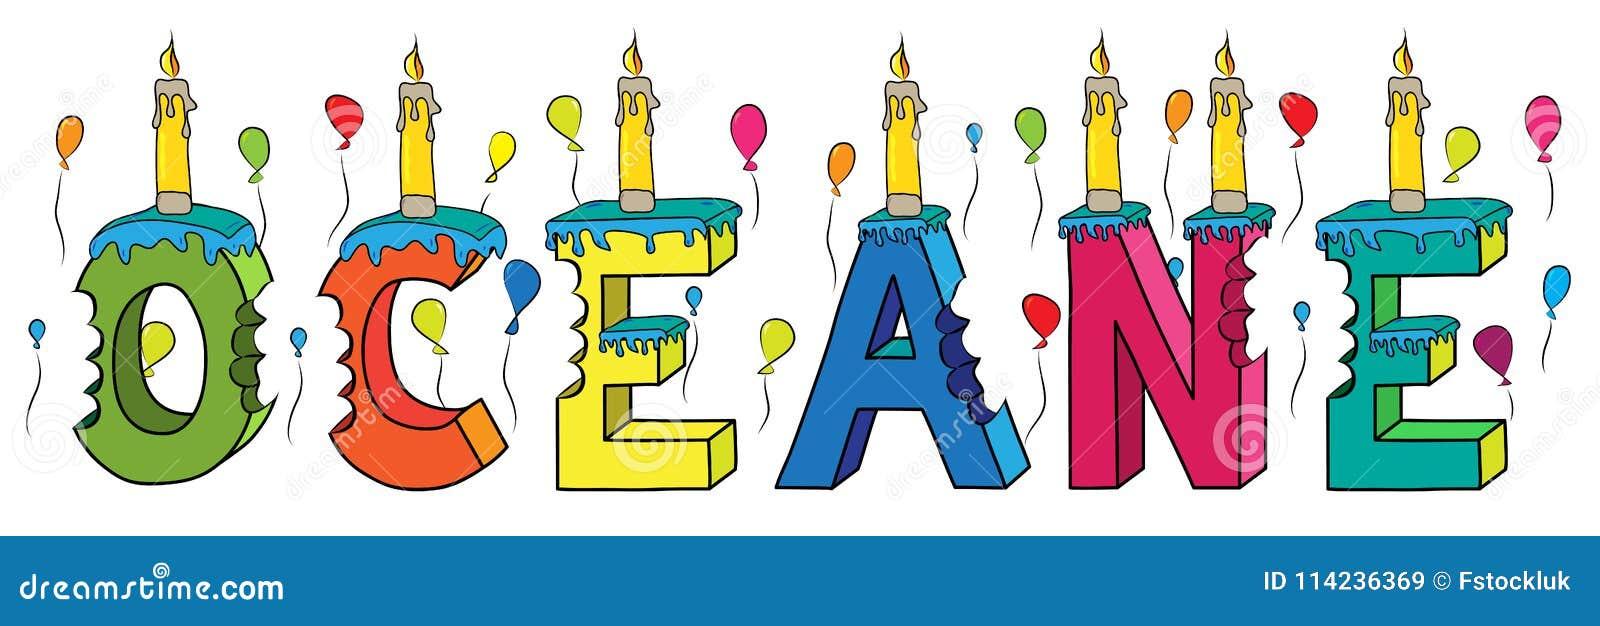 Bolo de aniversário colorido mordido da rotulação 3d de Oceane nome fêmea com velas e balões